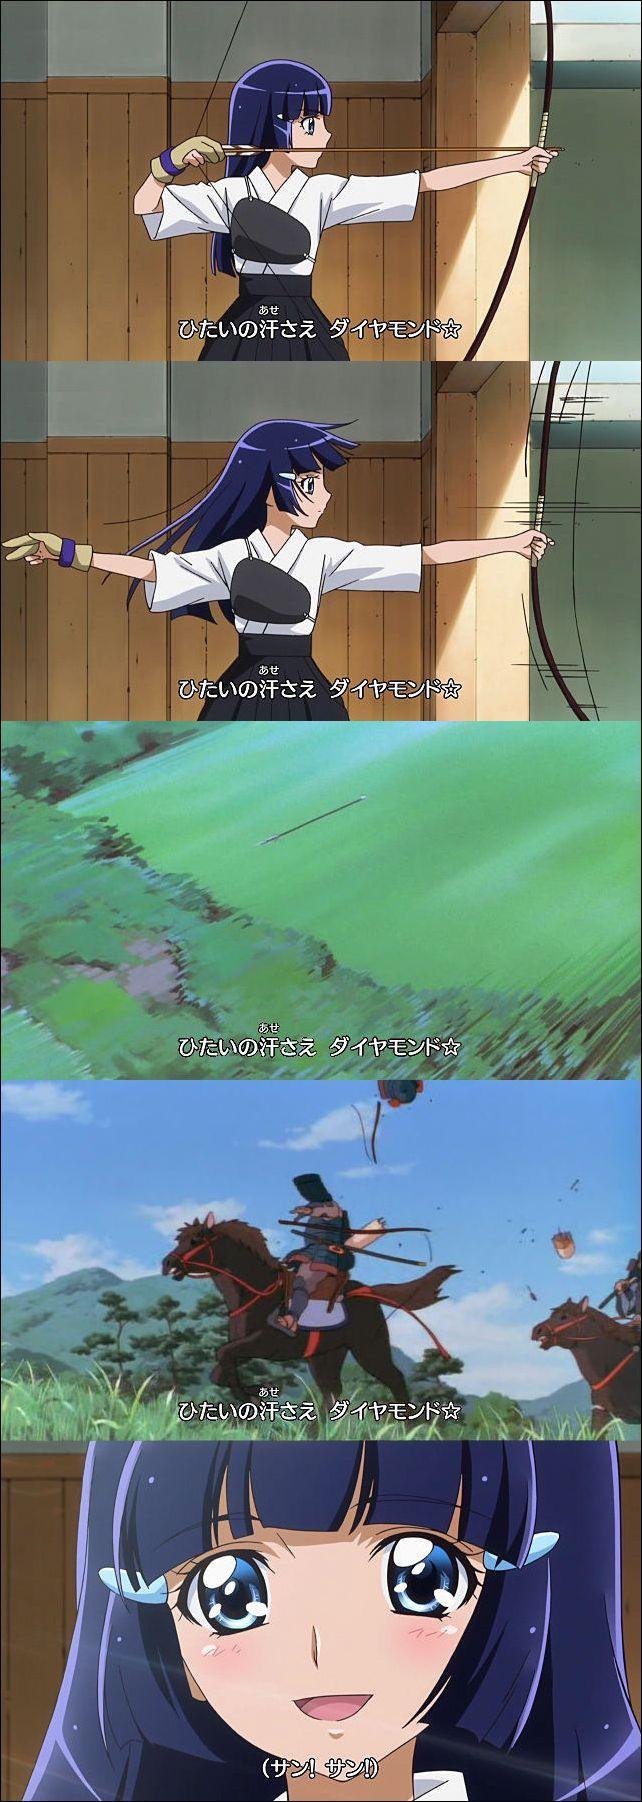 達人!『プリキュア』のキュアビューティーこと青木れいかの弓道の腕前(笑)【面白画像】animanga_0001